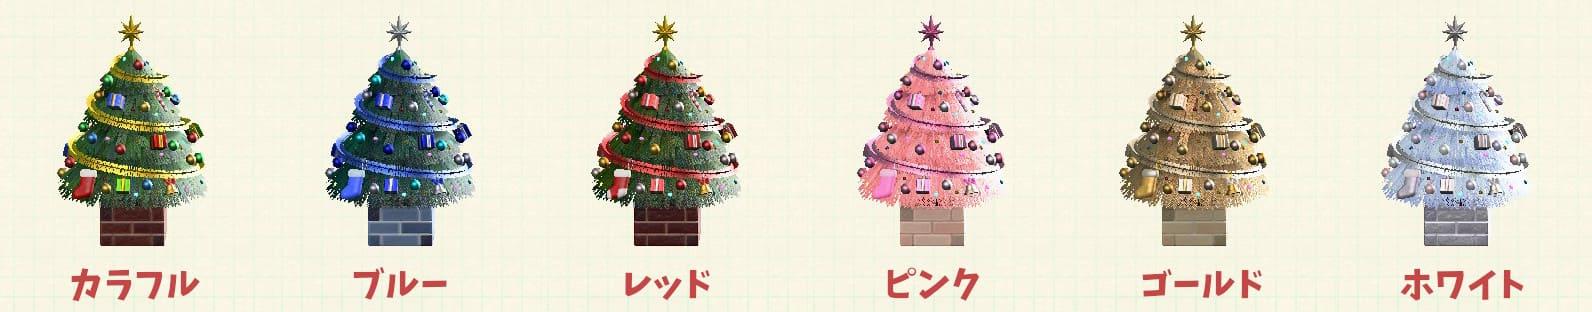 おおきなクリスマスツリーのリメイク